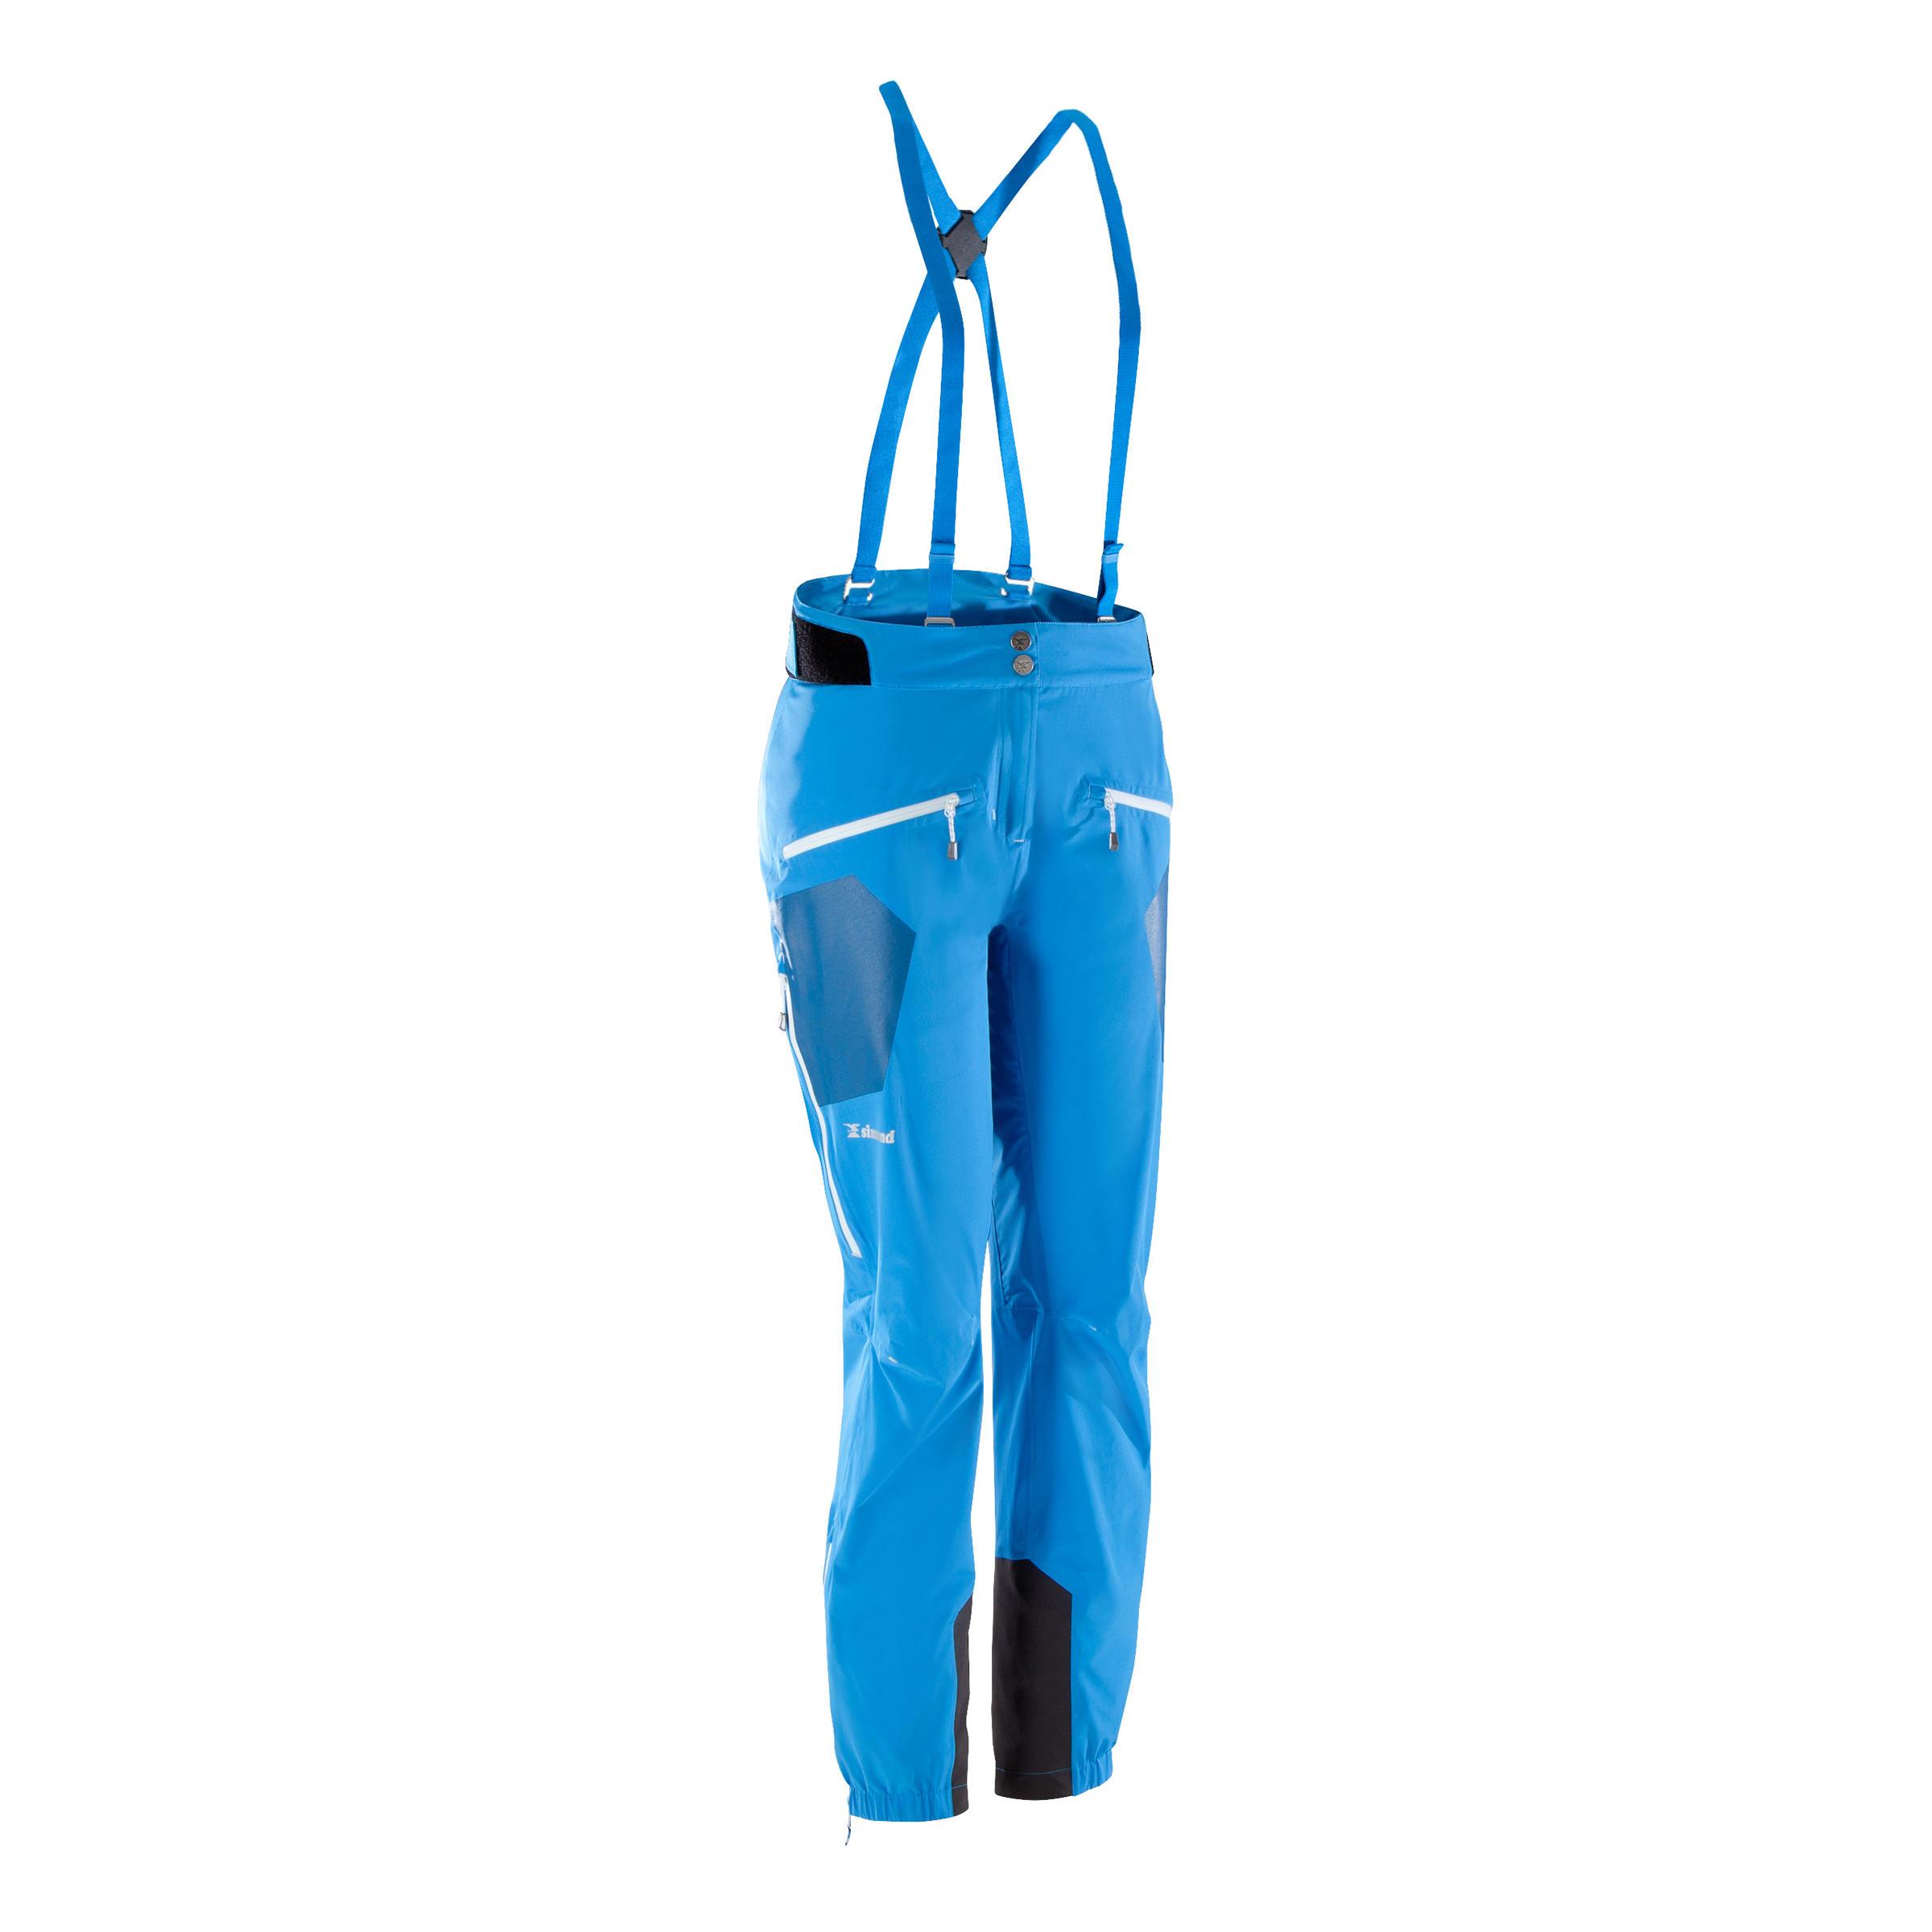 Outdoorhose Bergsteigen Cascade 2 Damen blau | Bekleidung > Hosen > Outdoorhosen | Blau | Simond